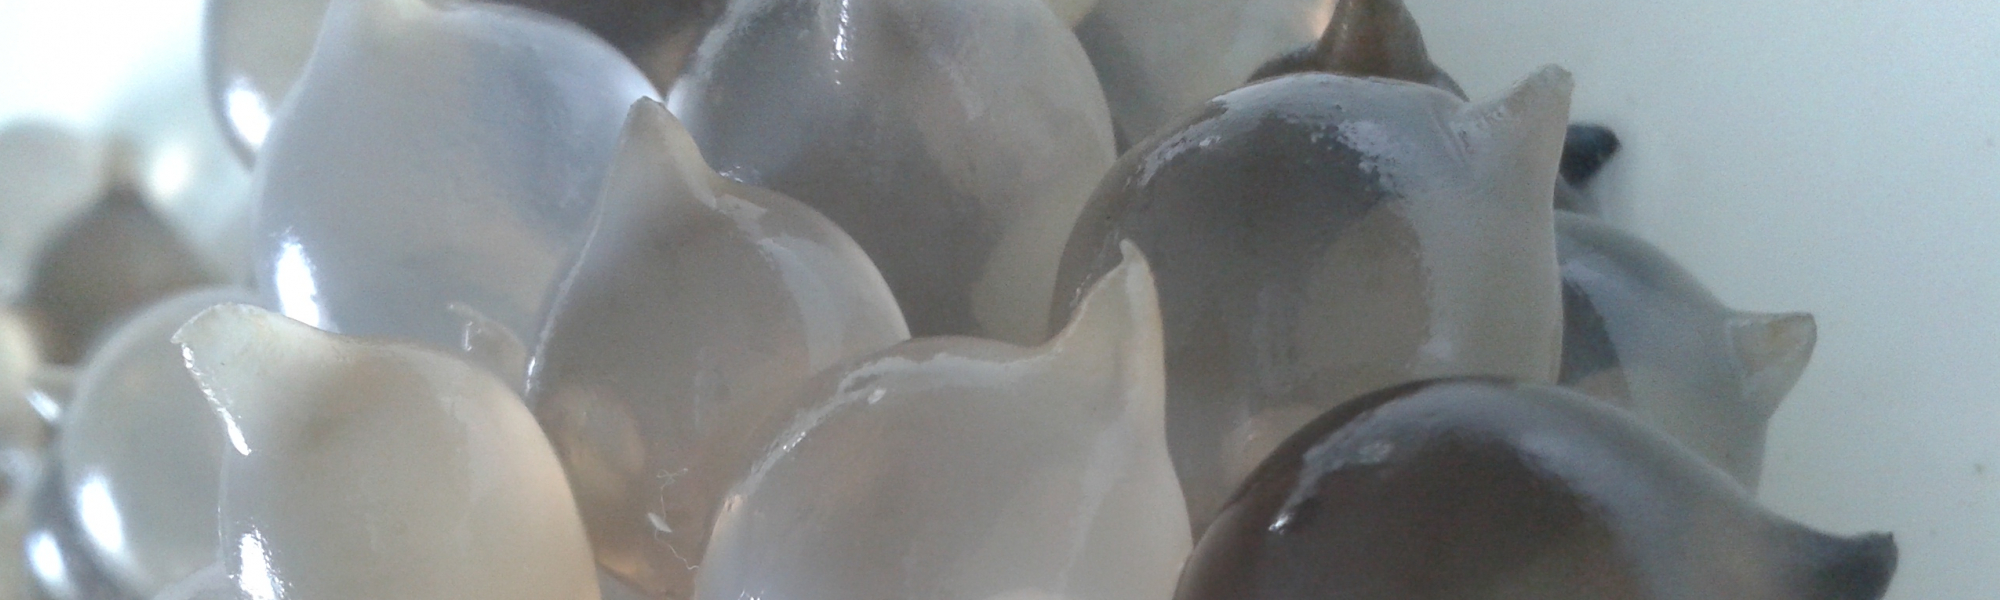 Œufs de seiche, Sepia officinalis, avec enveloppes noires et blanches ; les embryons sont observables au travers de la capsule - L. Ponticelli